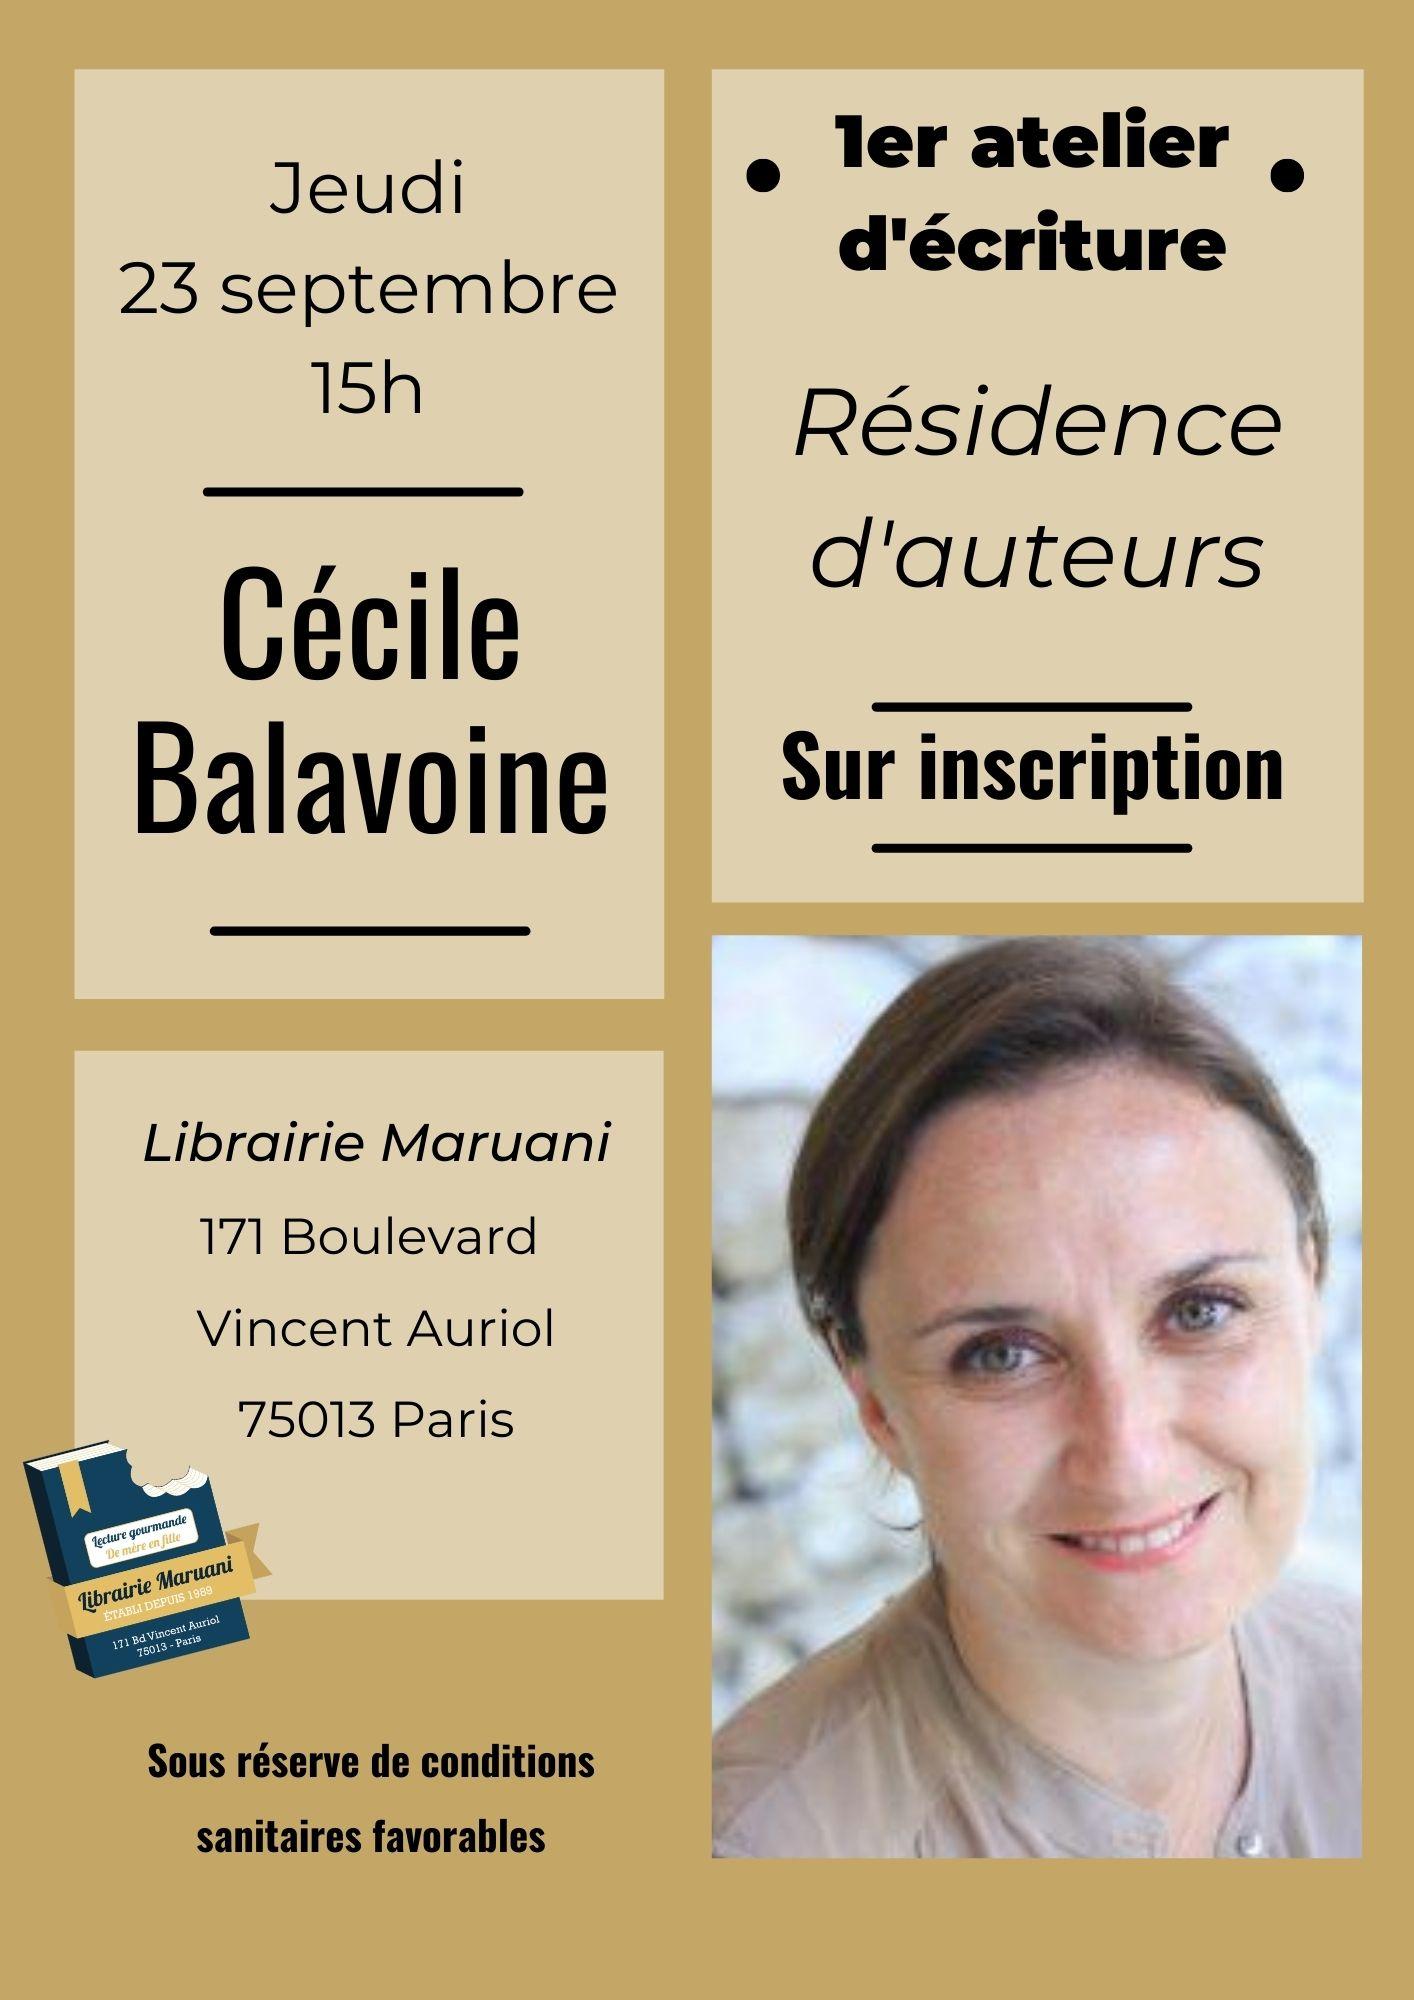 Atelier d'écriture avec Cécile Balavoine